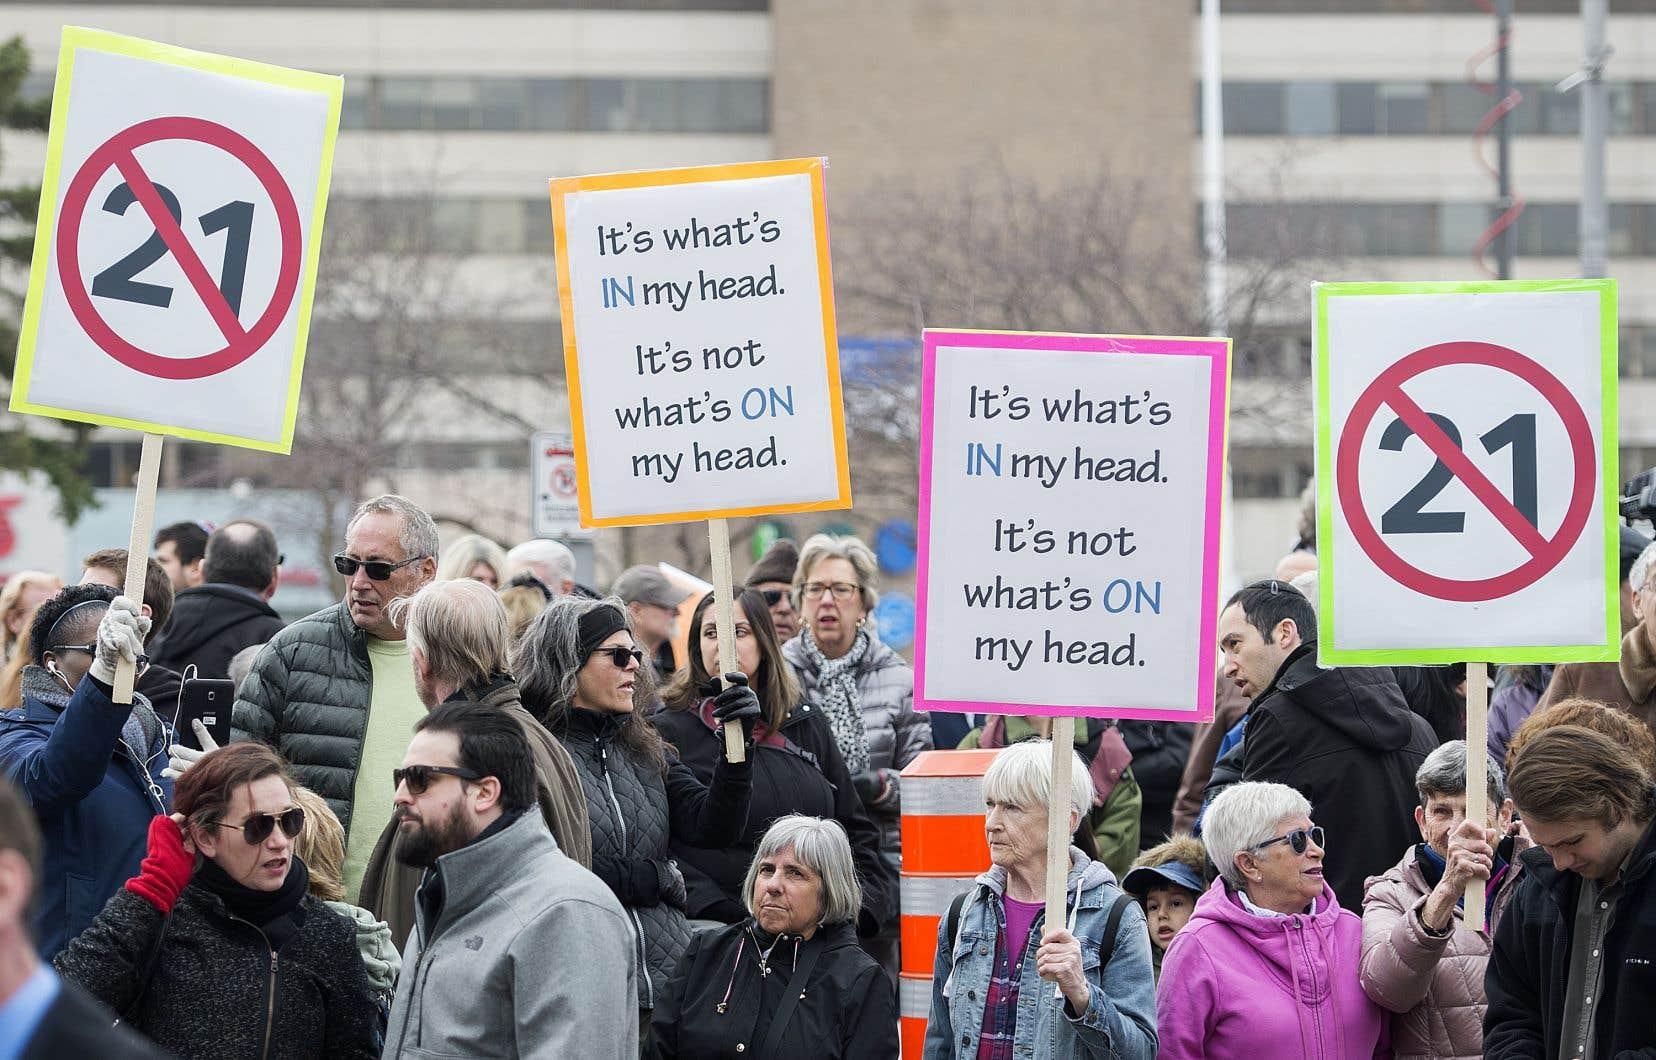 Tout citoyen a le droit de contester une loi qu'il juge injuste. On peut être d'accord ou pas avec sa cause, mais c'est un droit en démocratie.